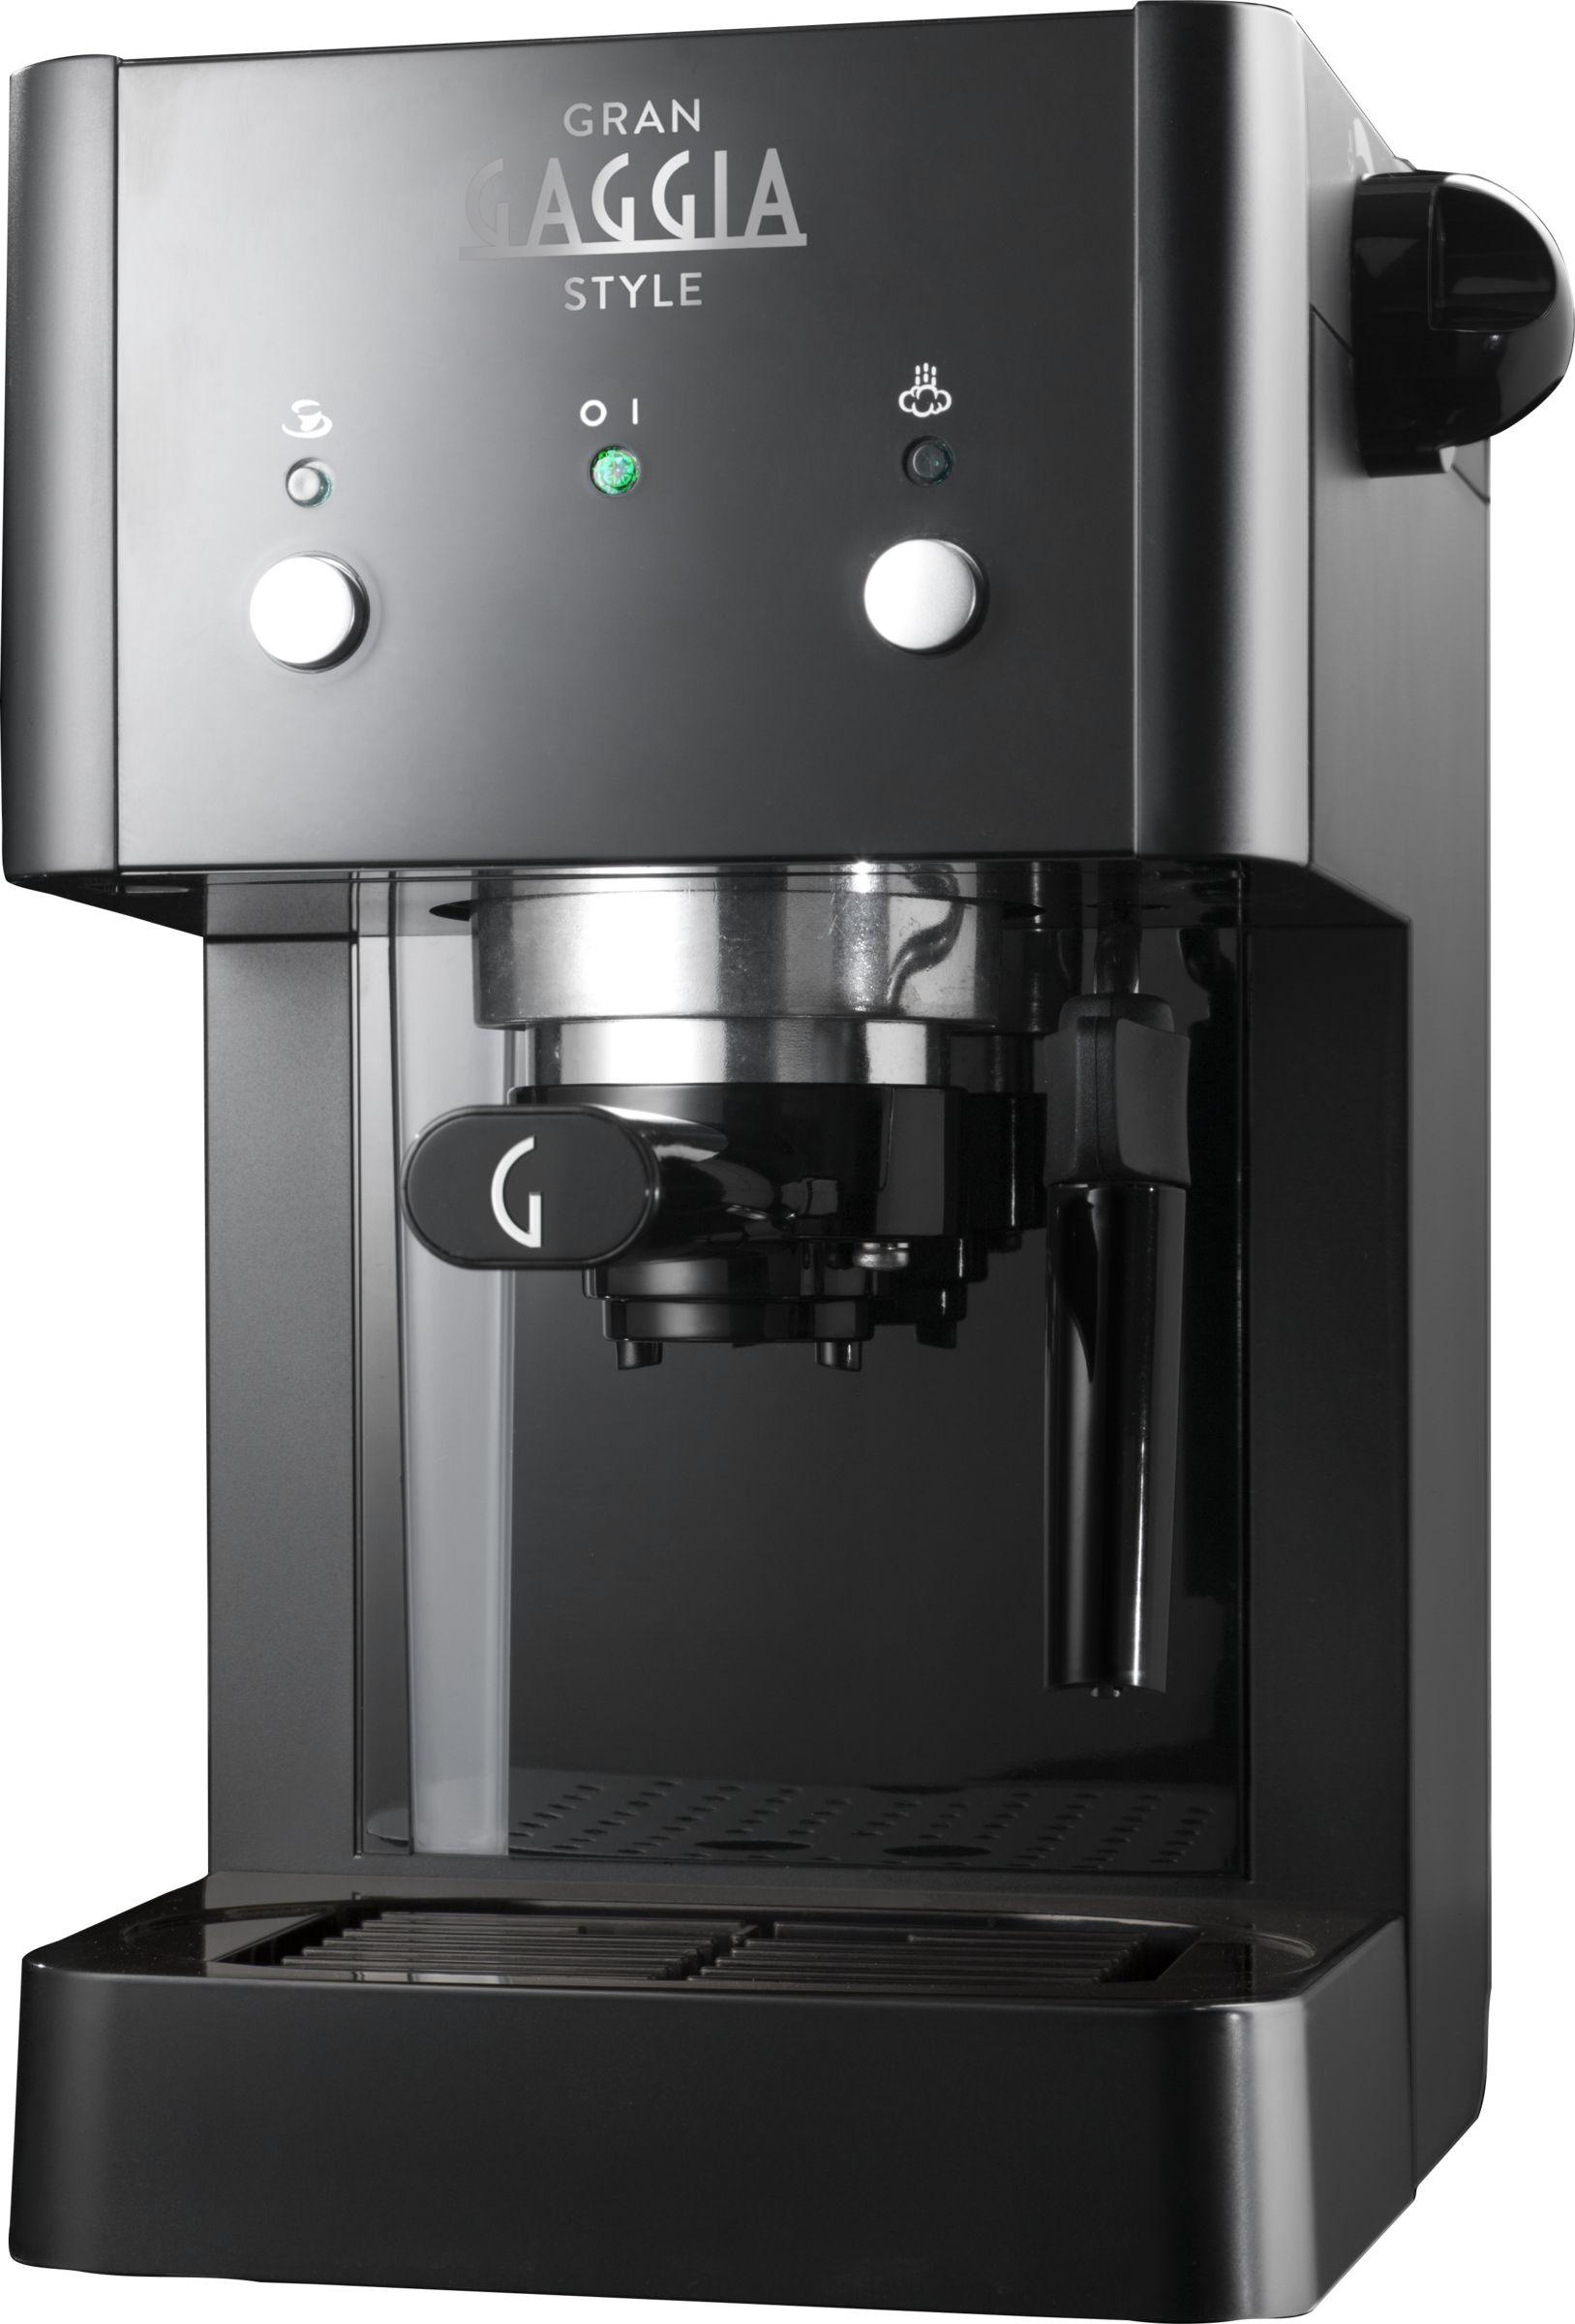 Gaggia Gran Macchina da caffè manuale RI8423/11